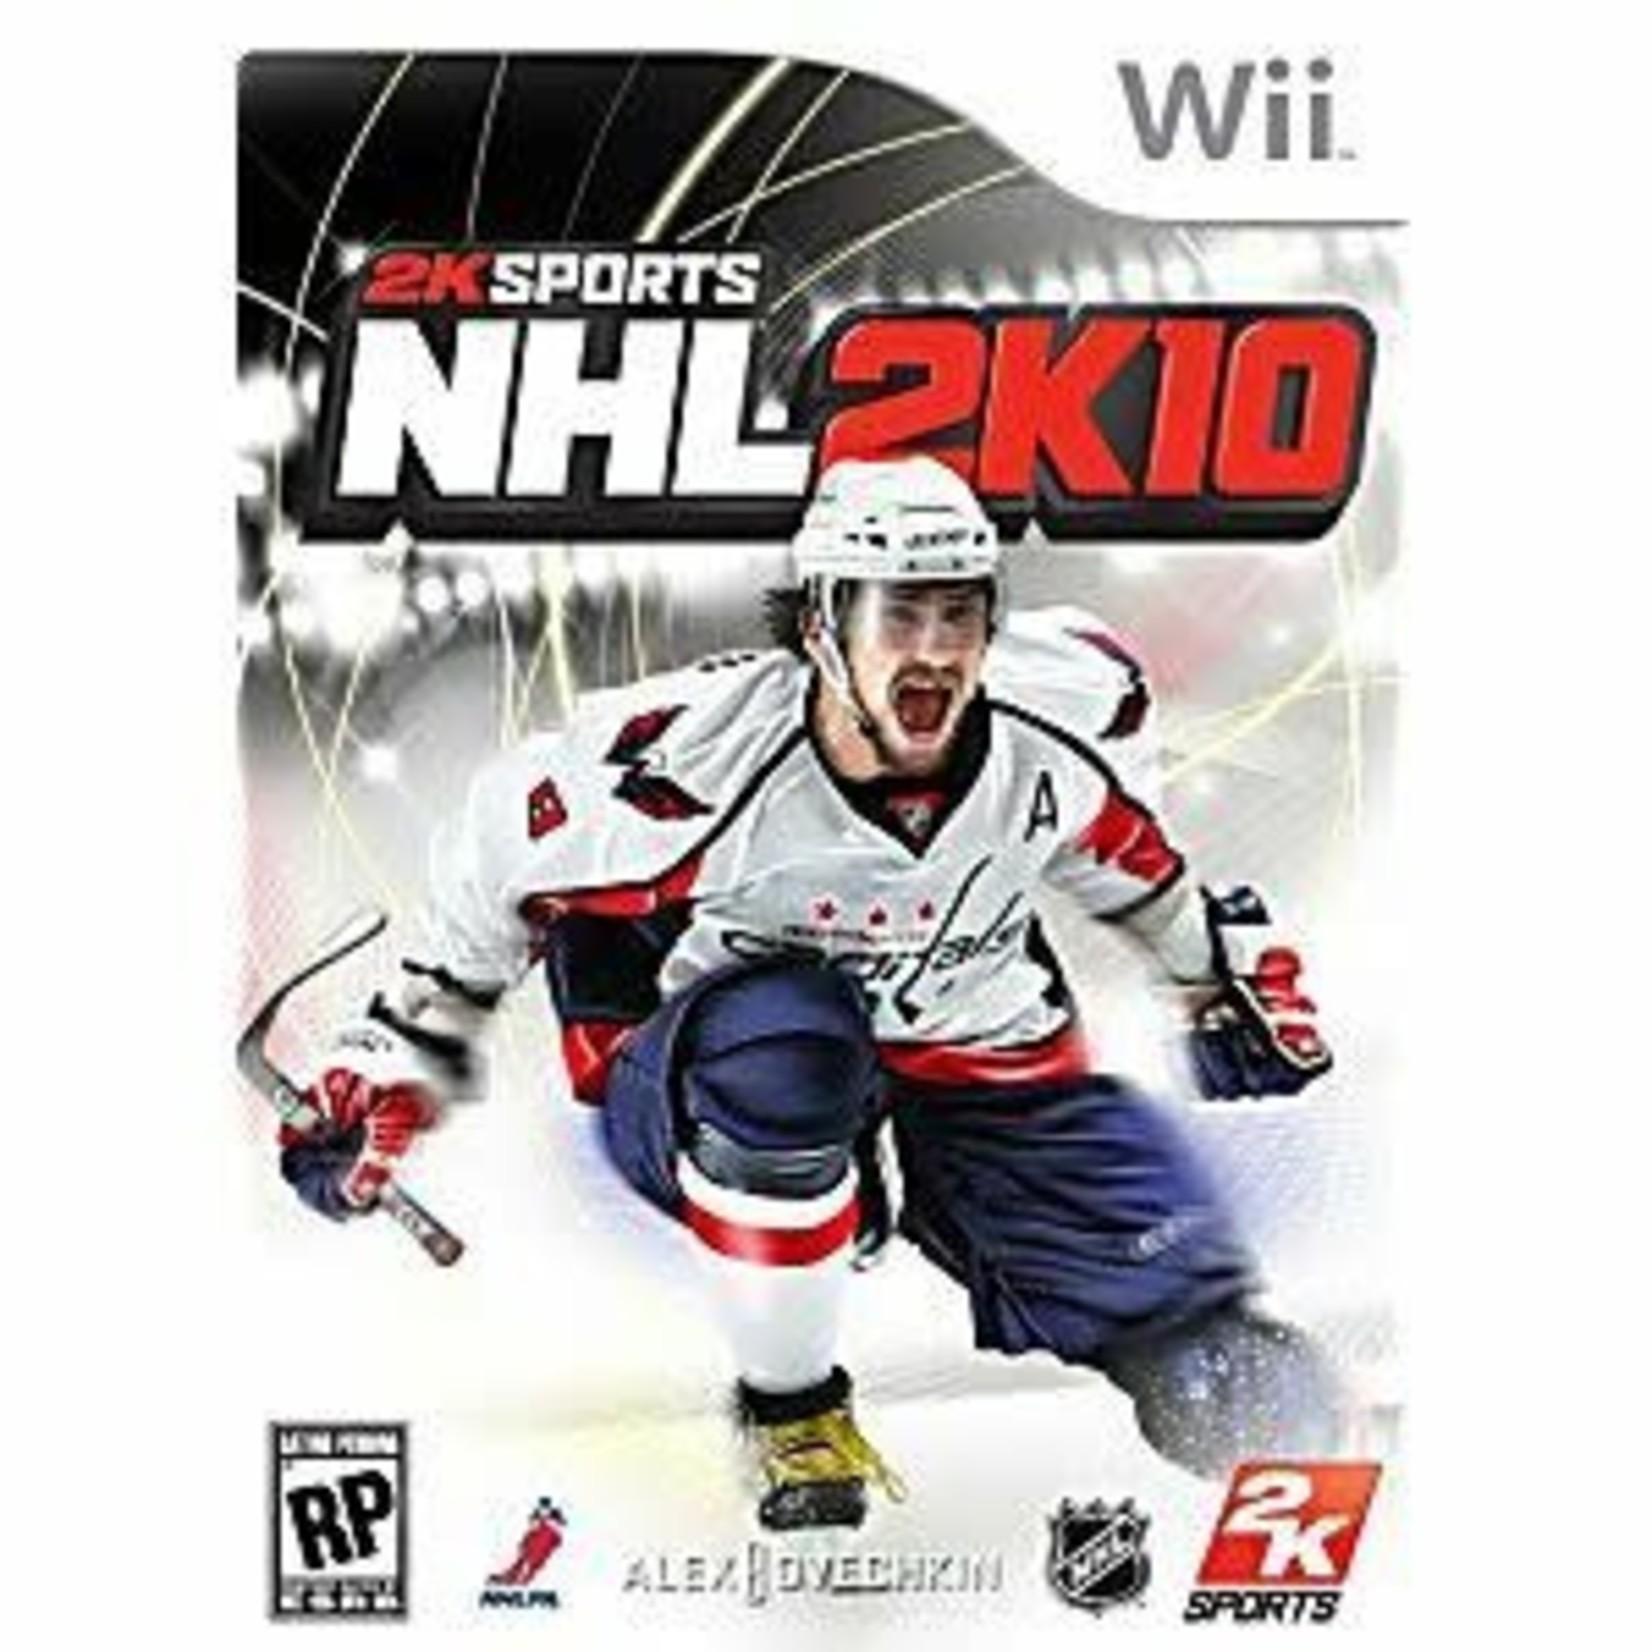 wiiusd-NHL 2K10